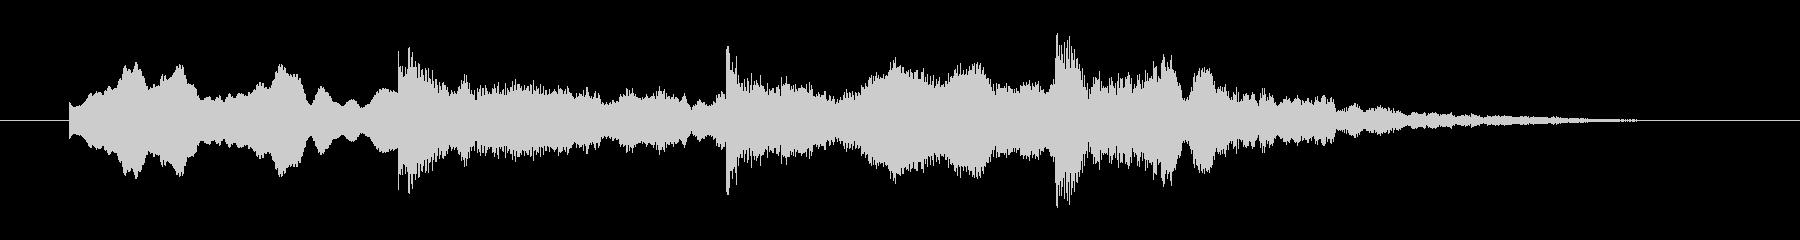 ホラー効果音 違和感 怪しい音 ピンポンの未再生の波形